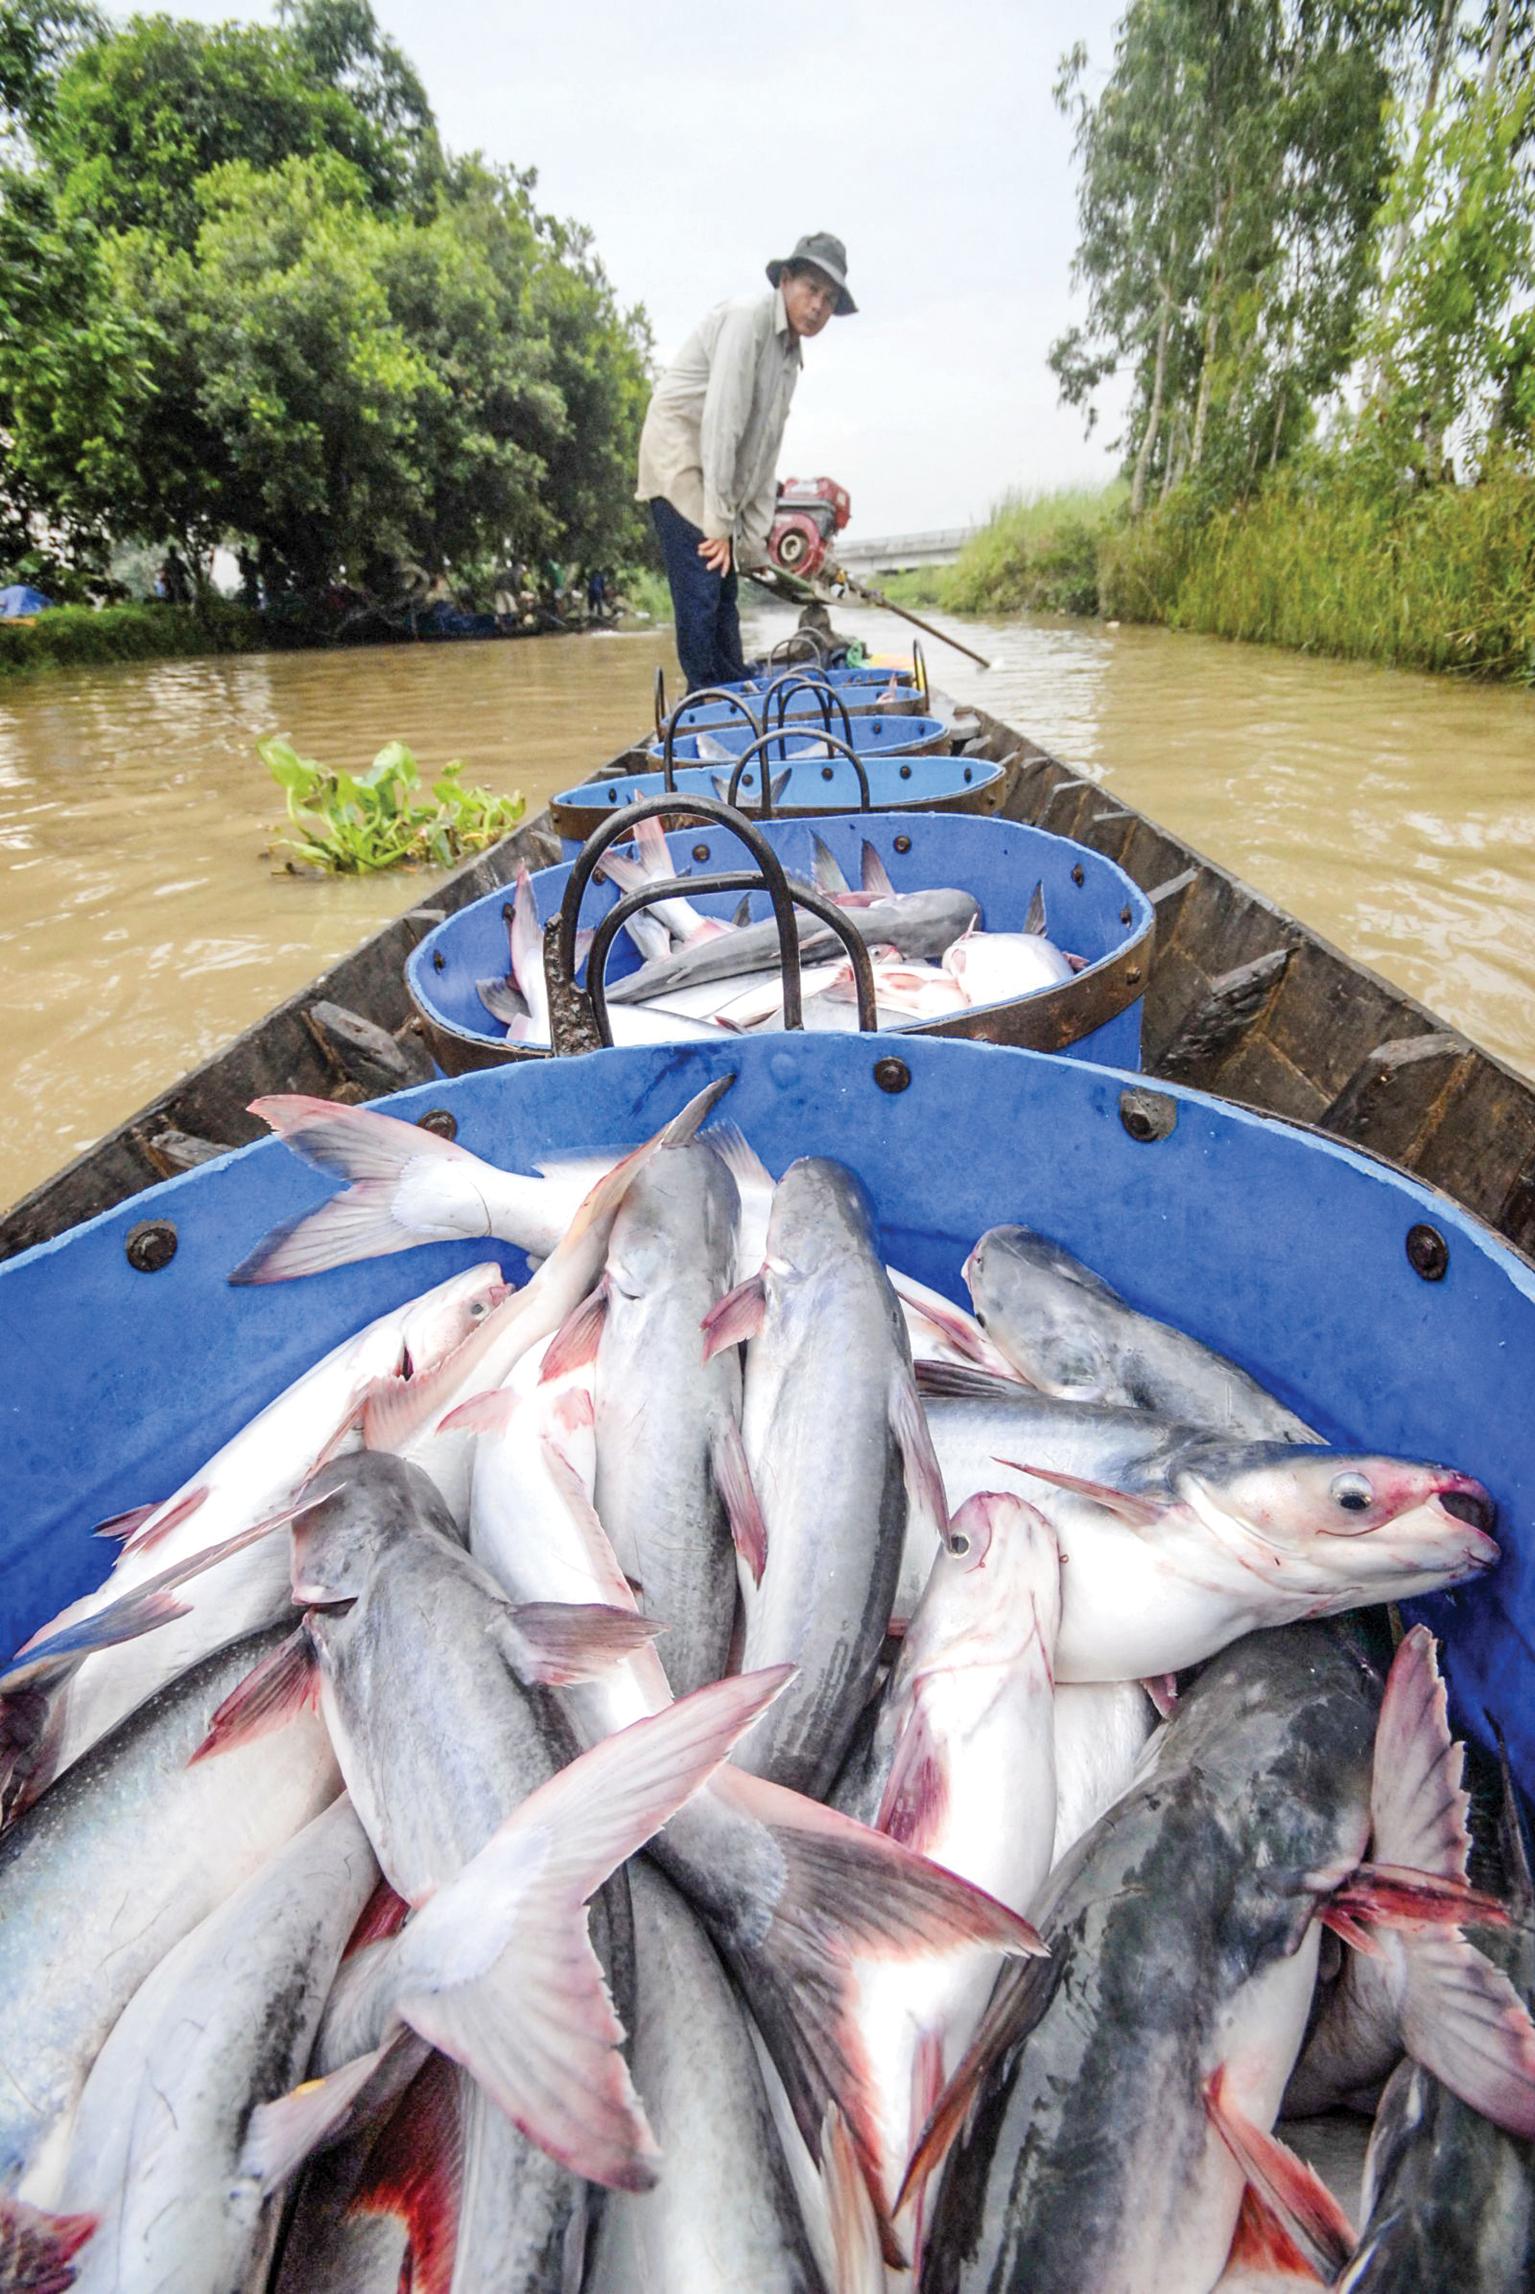 """Việt Nam là 1 trong 6 quốc gia sẽ thực hiện Dự án """"Chuỗi cung ứng có trách nhiệm tại châu Á"""" trong đó có ngành thủy sản. Ảnh: Lê Hoàng Yến"""